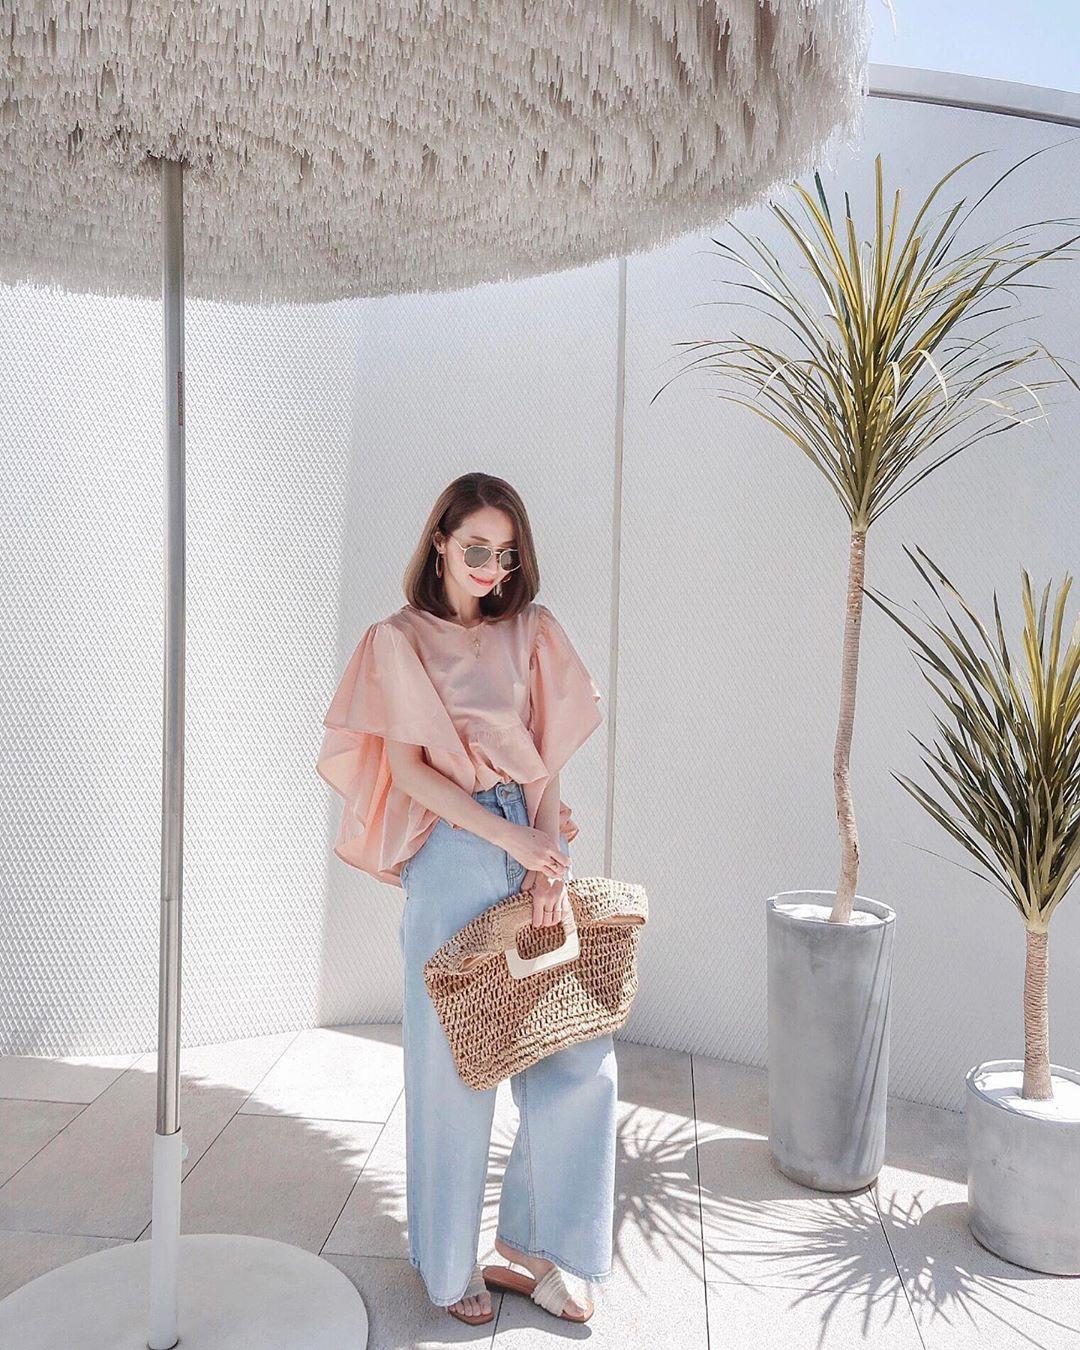 Muốn mặc đẹp hãy tham khảo 15 bộ đồ từ street style châu Á dưới đây, với rất nhiều gợi ý váy áo thô/đũi mát mẻ - Ảnh 15.